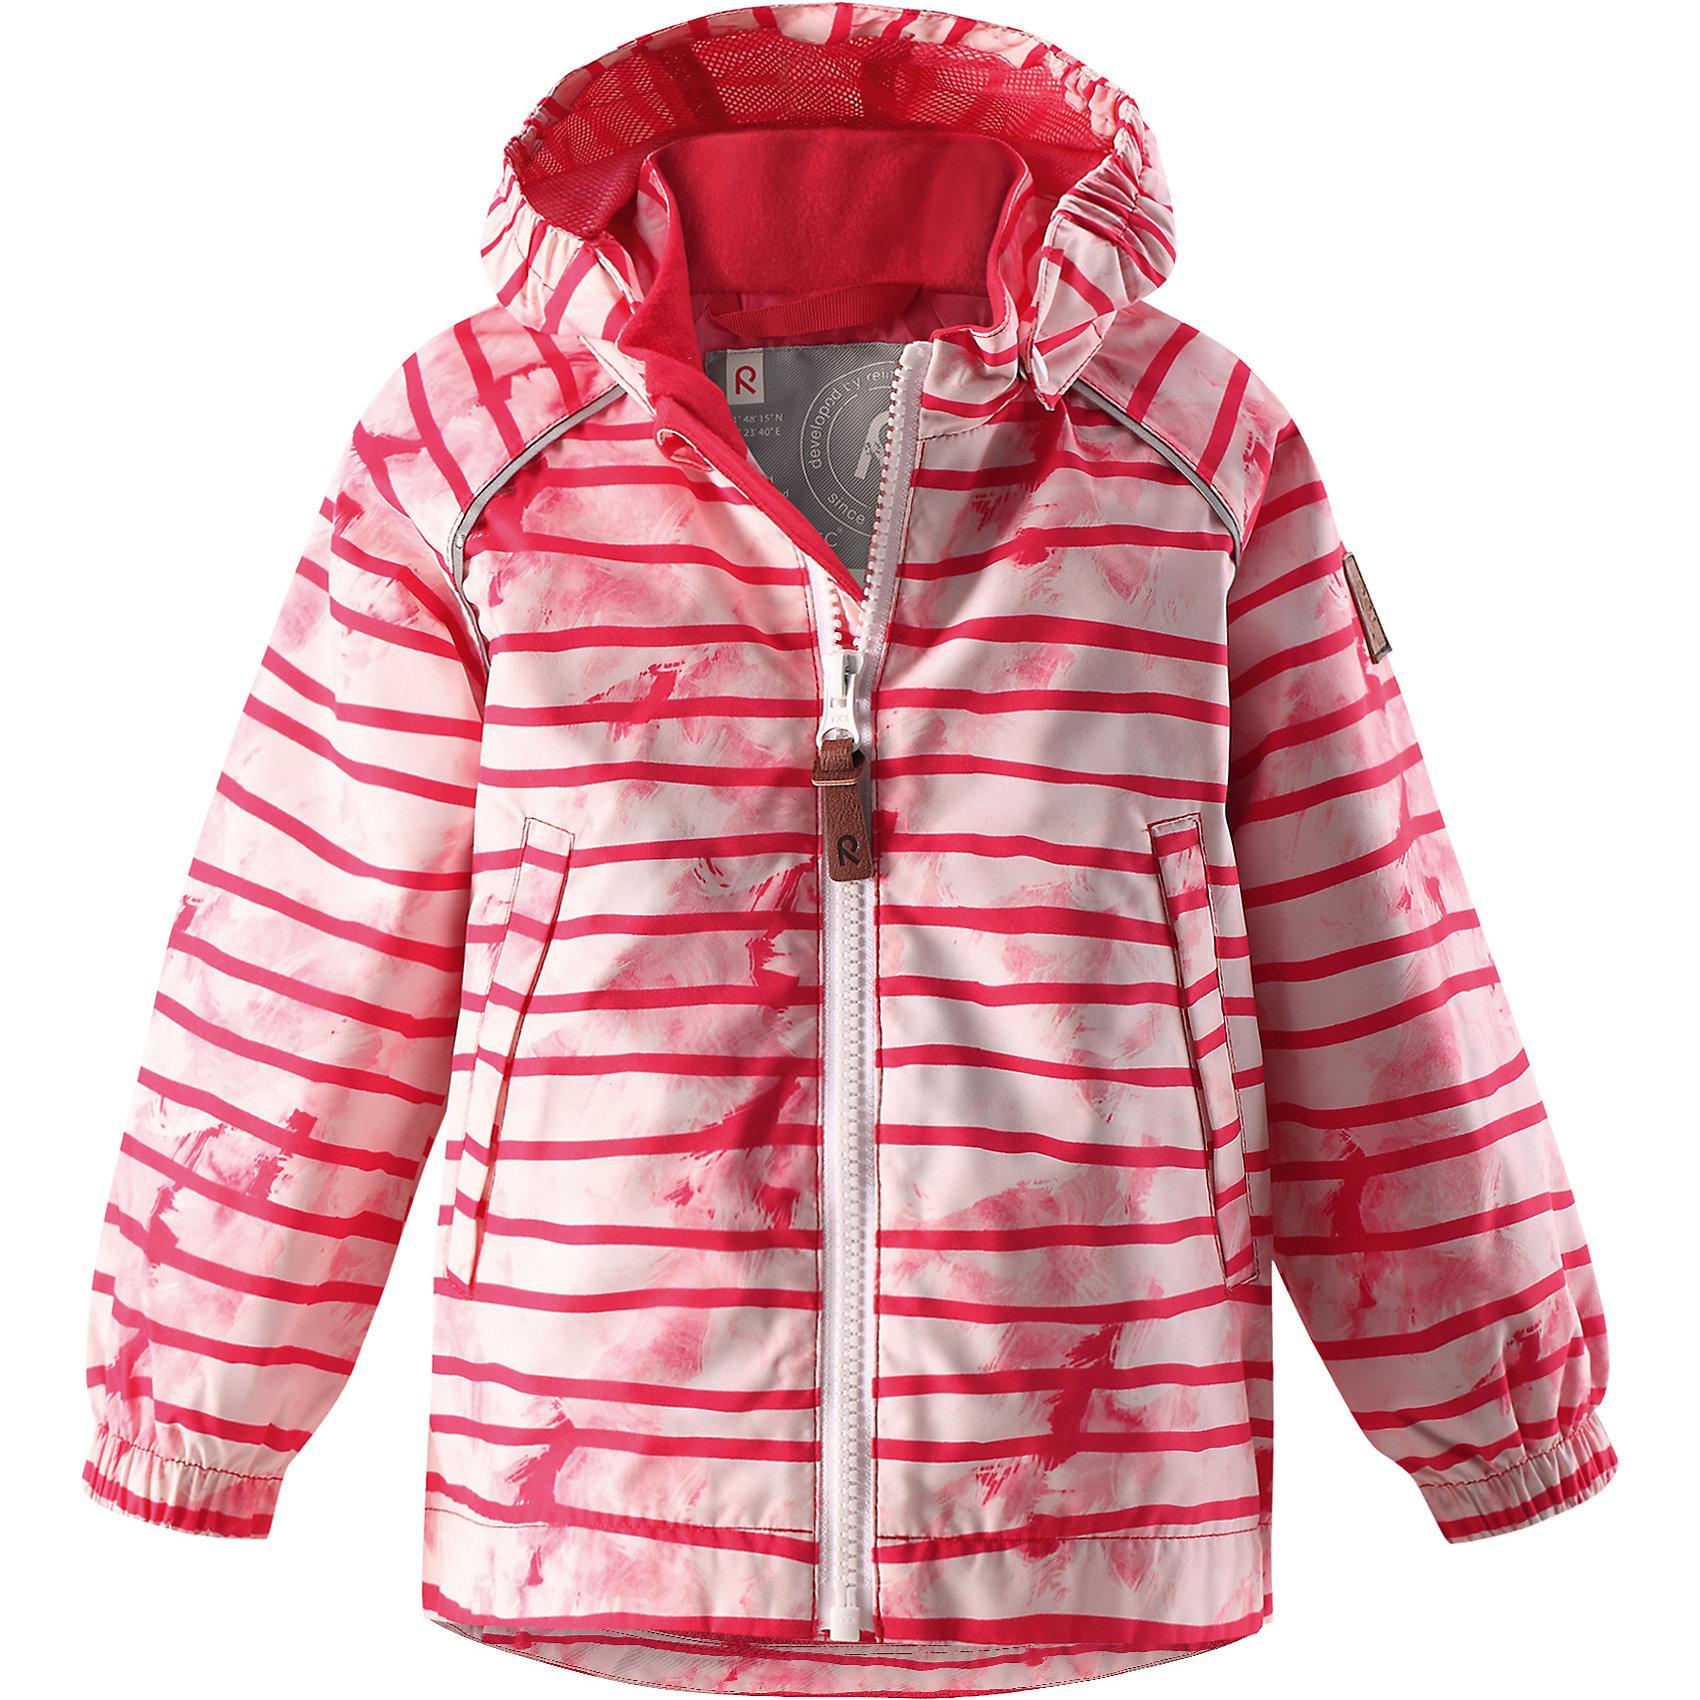 Куртка Hihitys для девочки Reimatec® ReimaОдежда<br>Характеристики товара:<br><br>• цвет: розовый<br>• состав: 100% полиэстер, полиуретановое покрытие<br>• температурный режим: от +5°до +15°С<br>• водонепроницаемость: 5000 мм<br>• воздухопроницаемость: 3000 мм<br>• износостойкость: 15000 циклов (тест Мартиндейла)<br>• без утеплителя<br>• швы проклеены, водонепроницаемы<br>• водо- и ветронепроницаемый, дышащий, грязеотталкивающий материал<br>• гладкая подкладка из полиэстера по всему изделию, mesh-сетка на капюшоне<br>• безопасный съёмный капюшон<br>• эластичные манжеты<br>• карман на молнии<br>• два боковых кармана<br>• светоотражающие детали<br>• комфортная посадка<br>• страна производства: Китай<br>• страна бренда: Финляндия<br>• коллекция: весна-лето 2017<br><br>Верхняя одежда для детей может быть модной и комфортной одновременно! Демисезонная куртка поможет обеспечить ребенку комфорт и тепло. Она отлично смотрится с различной одеждой и обувью. Изделие удобно сидит и модно выглядит. Материал - прочный, хорошо подходящий для межсезонья, водо- и ветронепроницаемый, «дышащий». Стильный дизайн разрабатывался специально для детей.<br><br>Одежда и обувь от финского бренда Reima пользуется популярностью во многих странах. Эти изделия стильные, качественные и удобные. Для производства продукции используются только безопасные, проверенные материалы и фурнитура. Порадуйте ребенка модными и красивыми вещами от Reima! <br><br>Куртку для мальчика Reimatec® от финского бренда Reima (Рейма) можно купить в нашем интернет-магазине.<br><br>Ширина мм: 356<br>Глубина мм: 10<br>Высота мм: 245<br>Вес г: 519<br>Цвет: розовый<br>Возраст от месяцев: 24<br>Возраст до месяцев: 36<br>Пол: Женский<br>Возраст: Детский<br>Размер: 98,74,80,86,92<br>SKU: 5265592